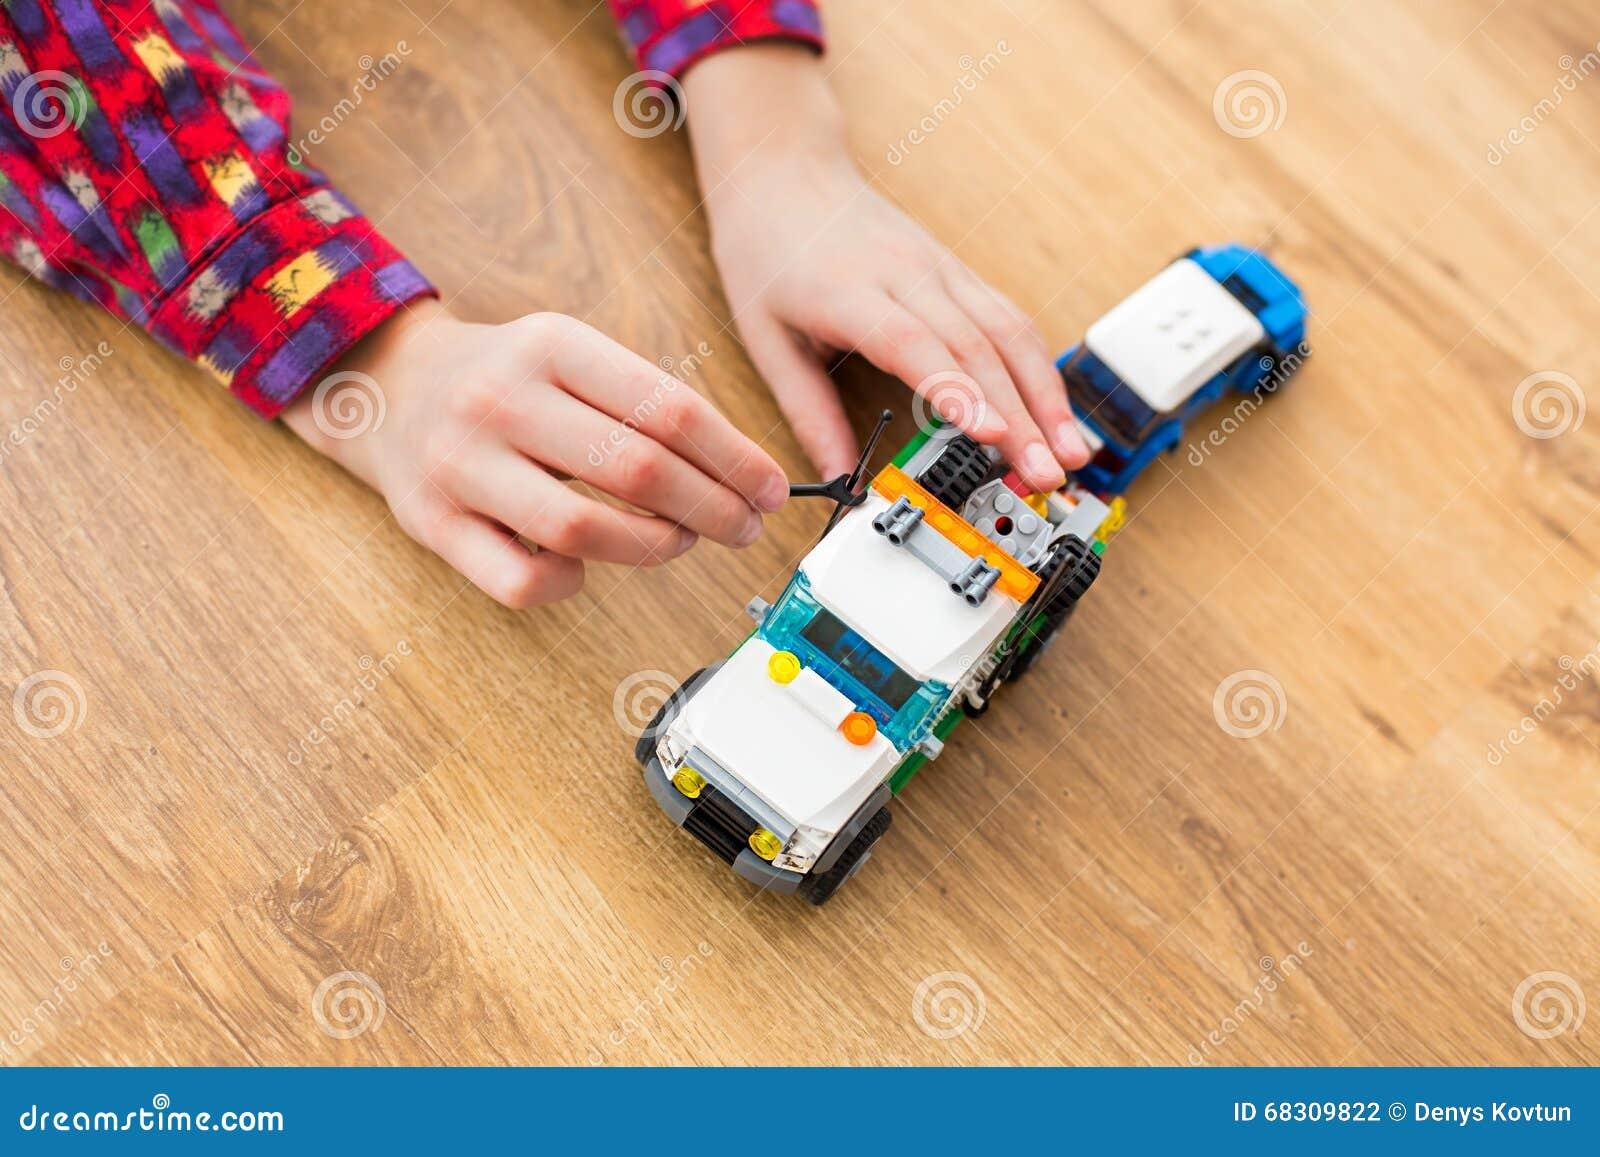 Παιδί που χρησιμοποιεί το μικρό γαλλικό κλειδί παιχνιδιών